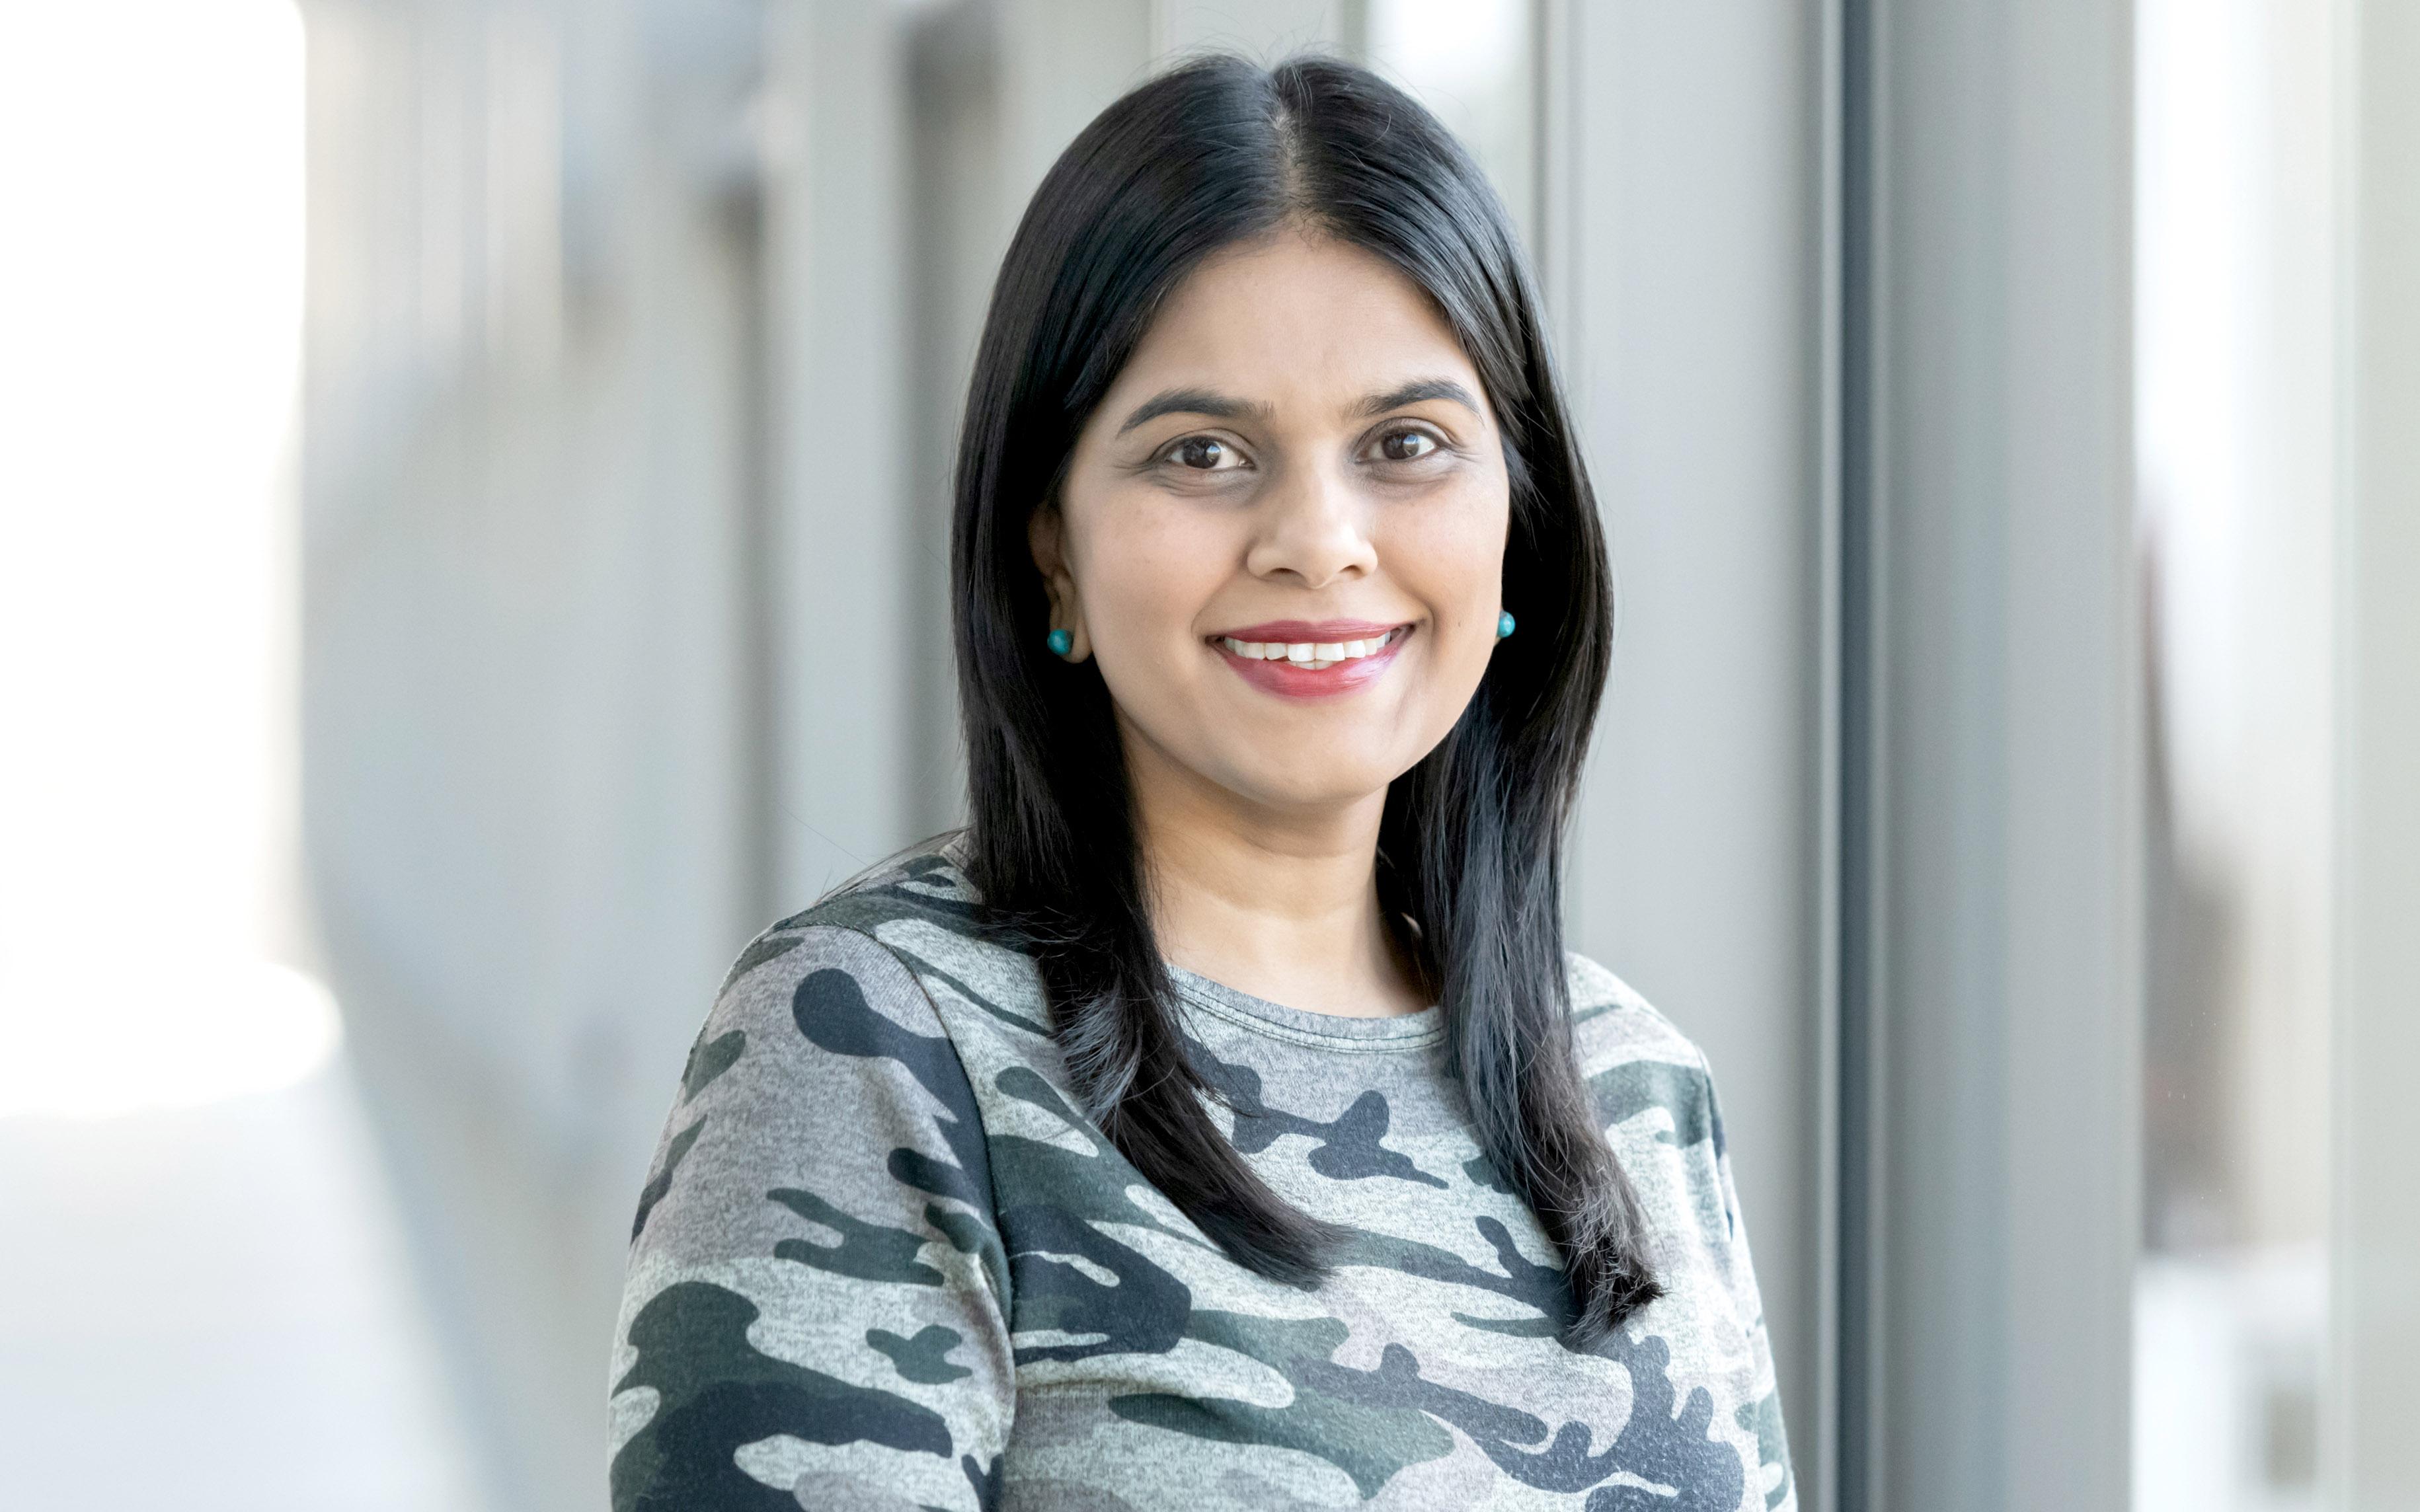 Mariya Moosajee